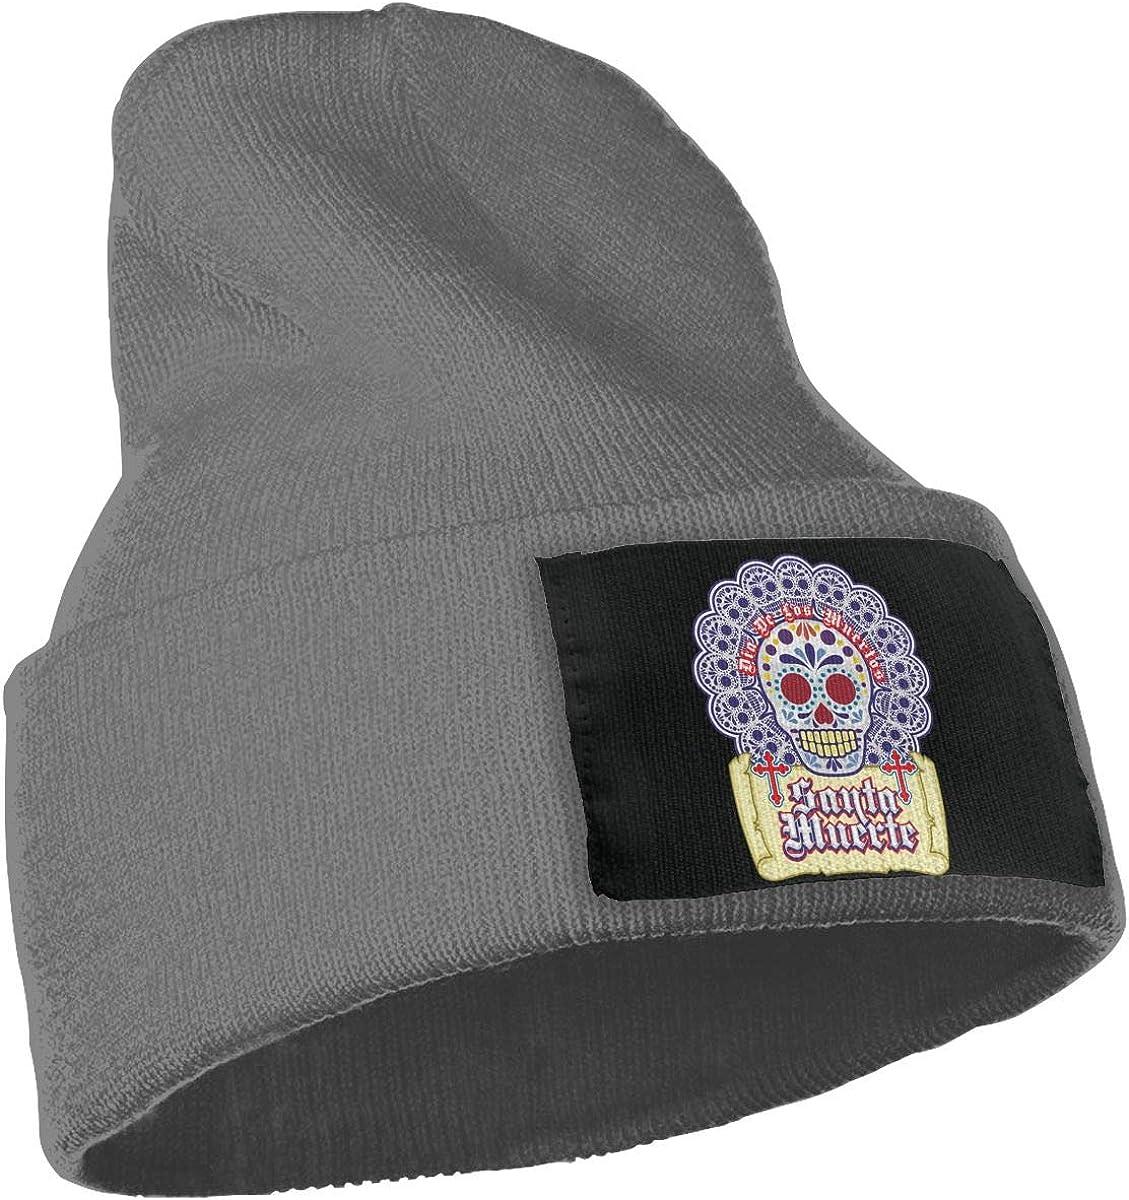 Pattern Cross Skull Warm Winter Hat Knit Beanie Skull Cap Cuff Beanie Hat Winter Hats for Men /& Women